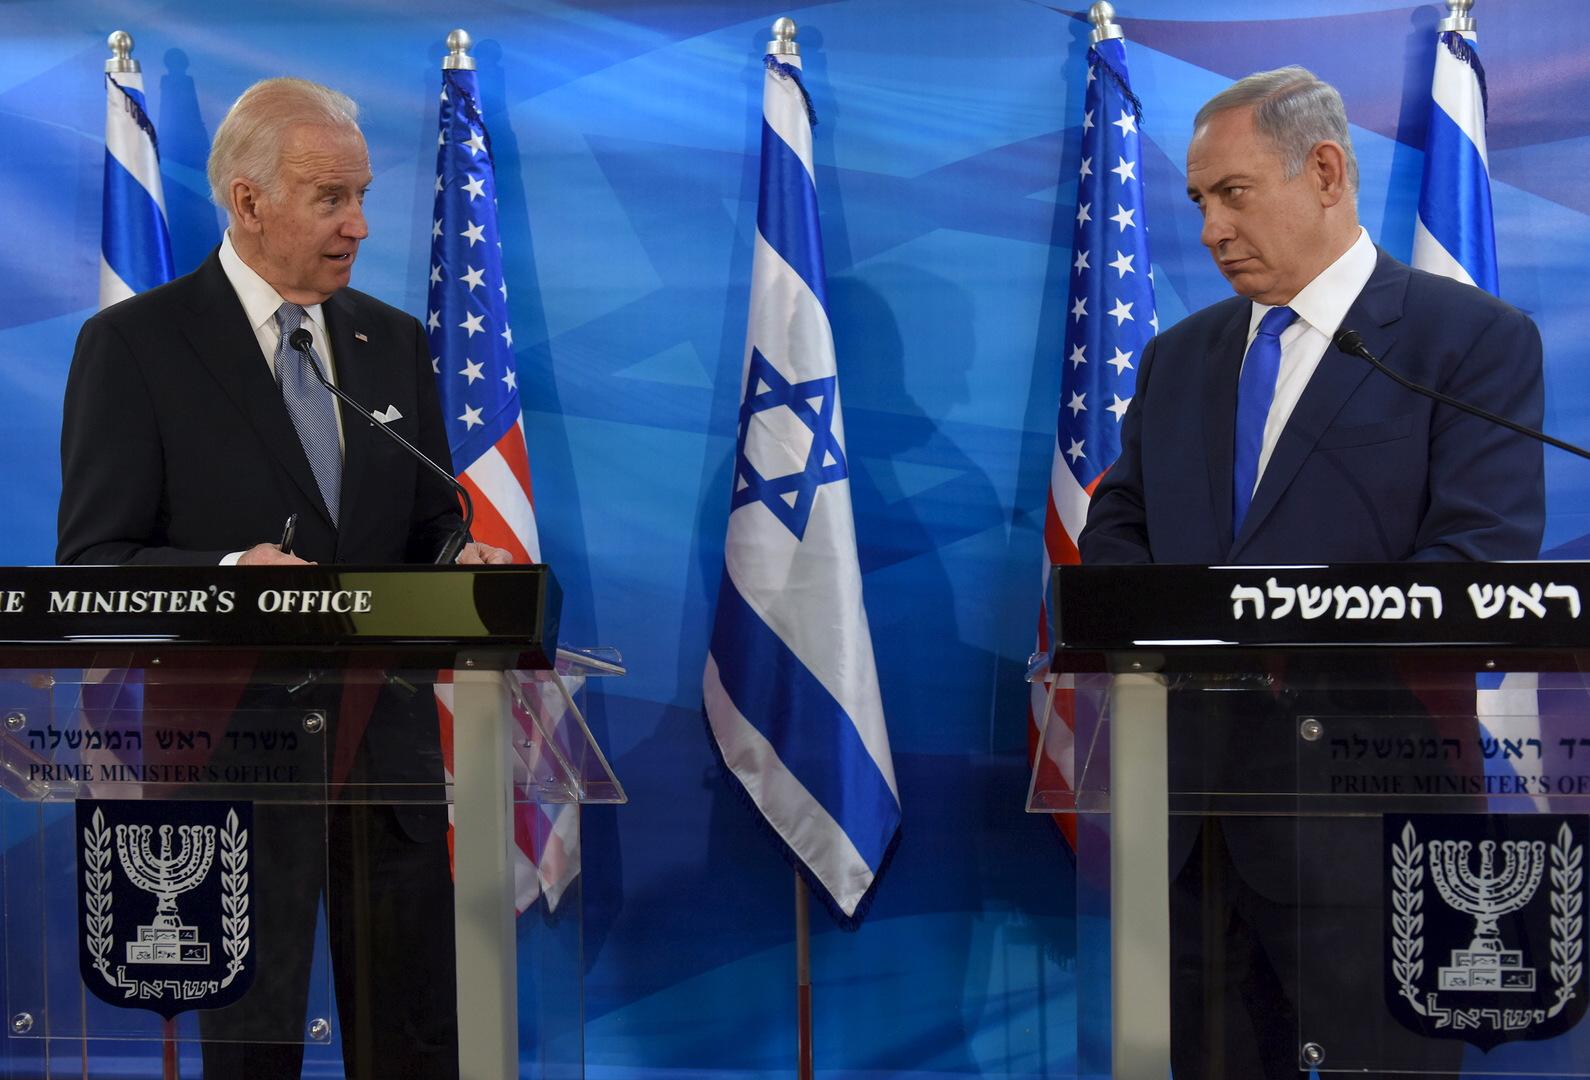 الرئيس الأمريكي، جو بايدن، ورئيس وزراء إسرائيل، بنيامين نتنياهو (أرشيف).